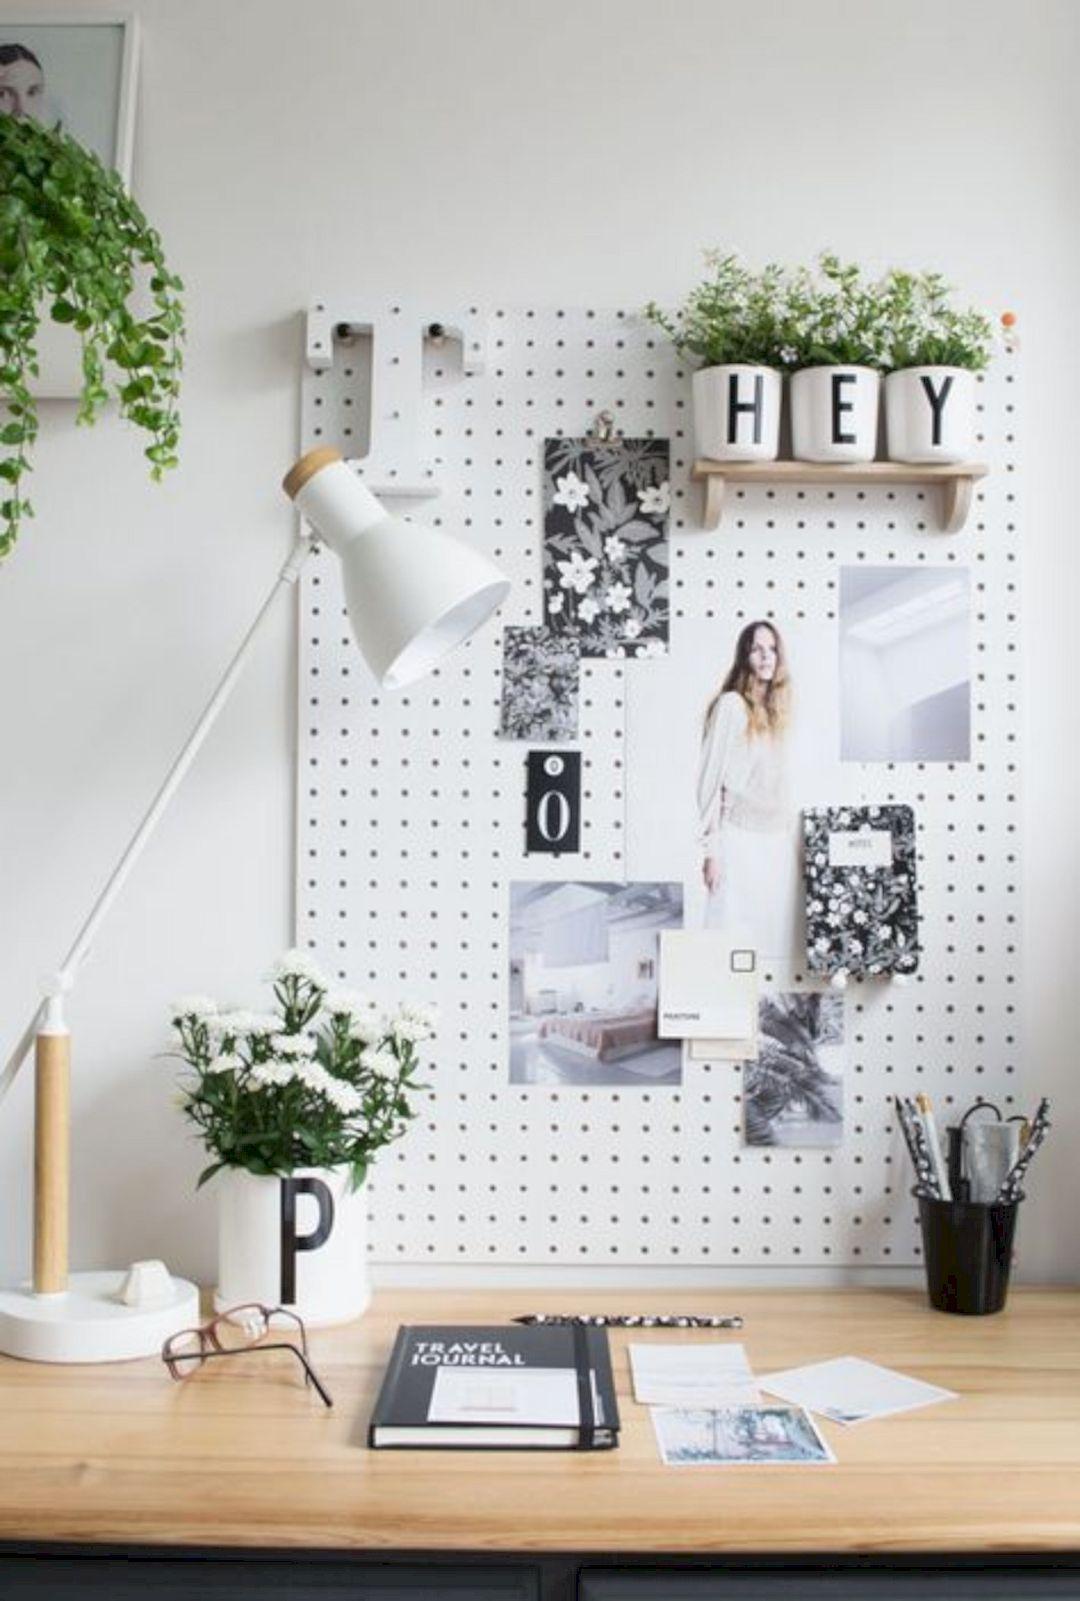 Medium Of Office Wall Decor